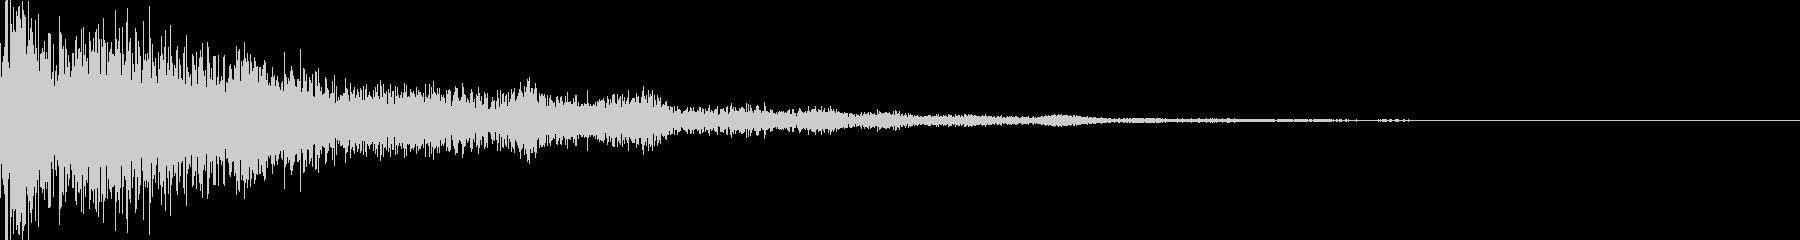 パァカーン(決定_06)の未再生の波形